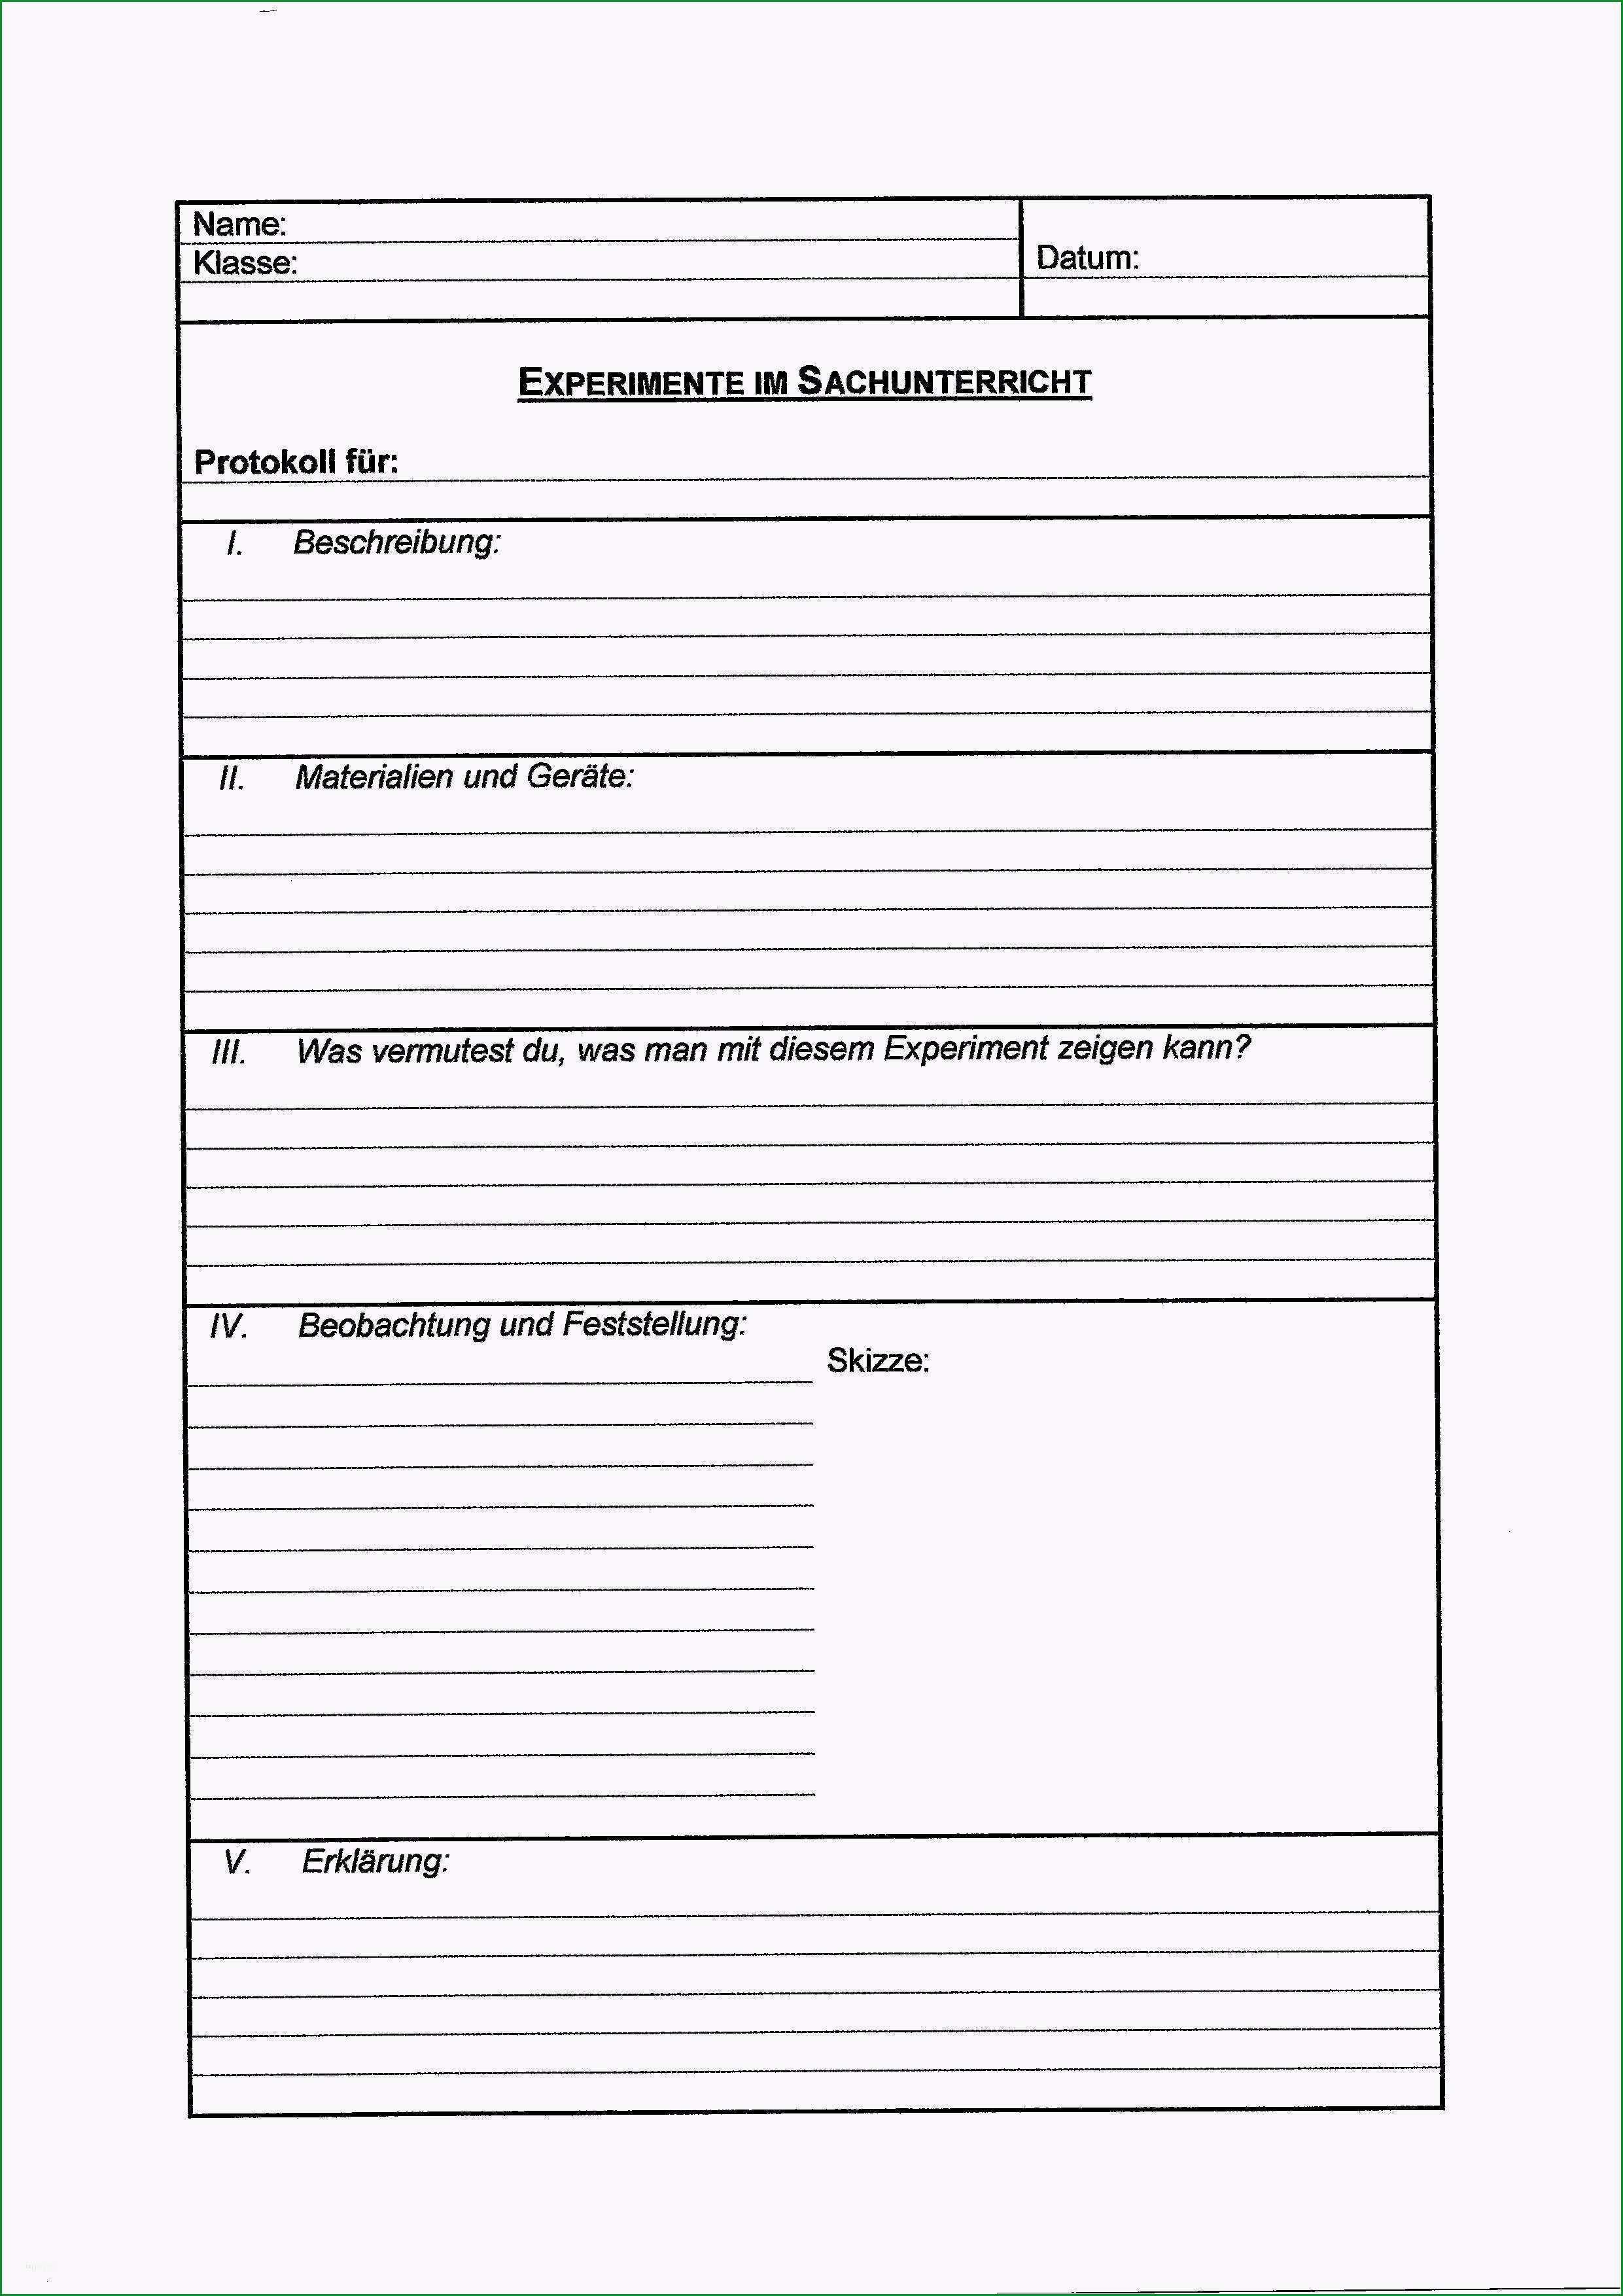 detaillierte protokoll schreiben vorlage